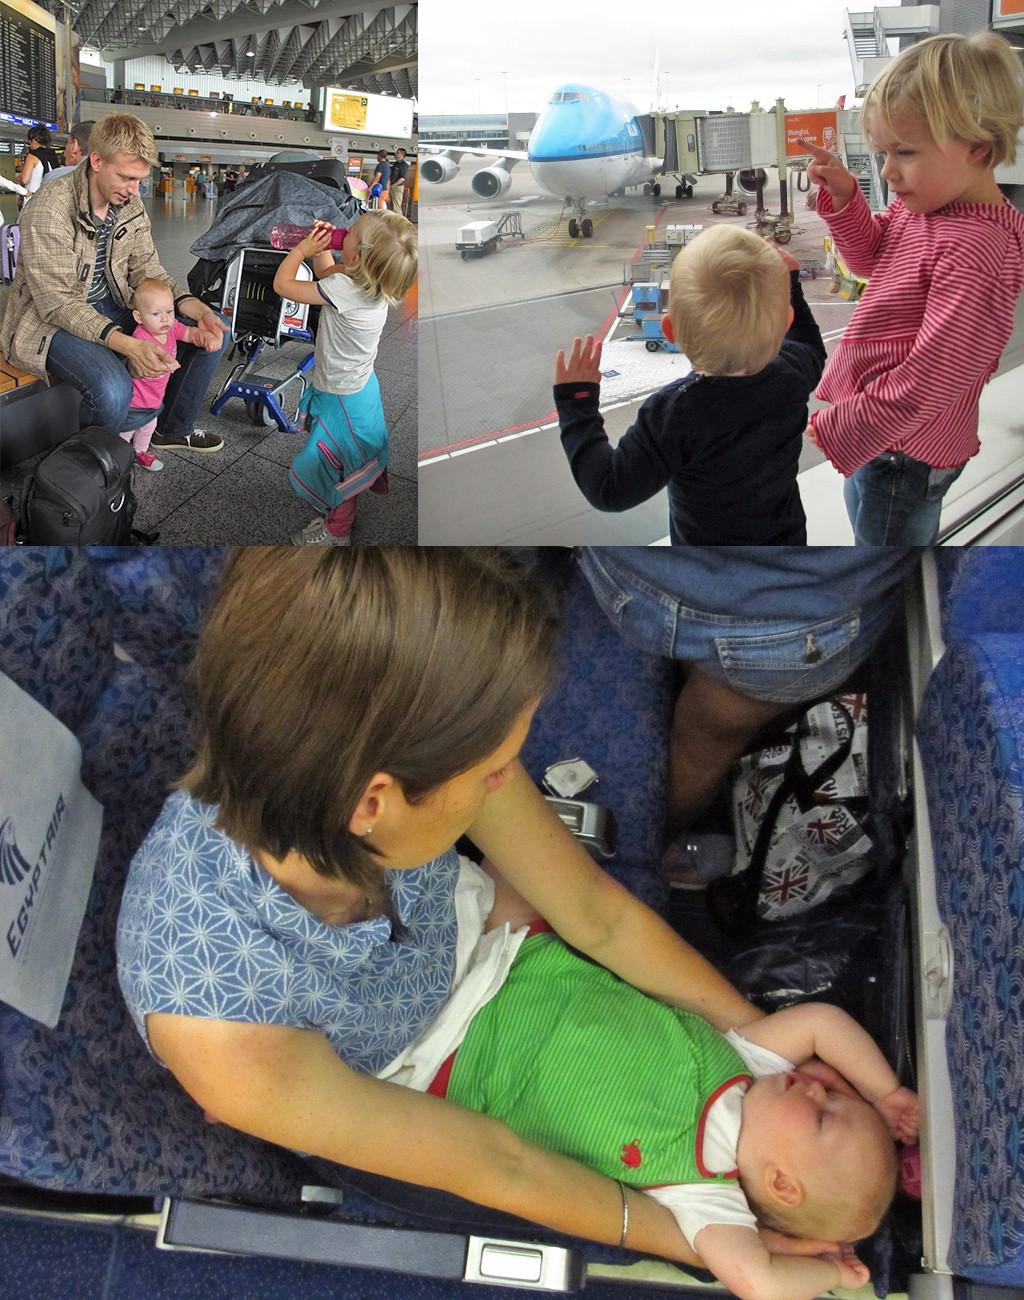 op reis met baby en peuter in vliegtuig